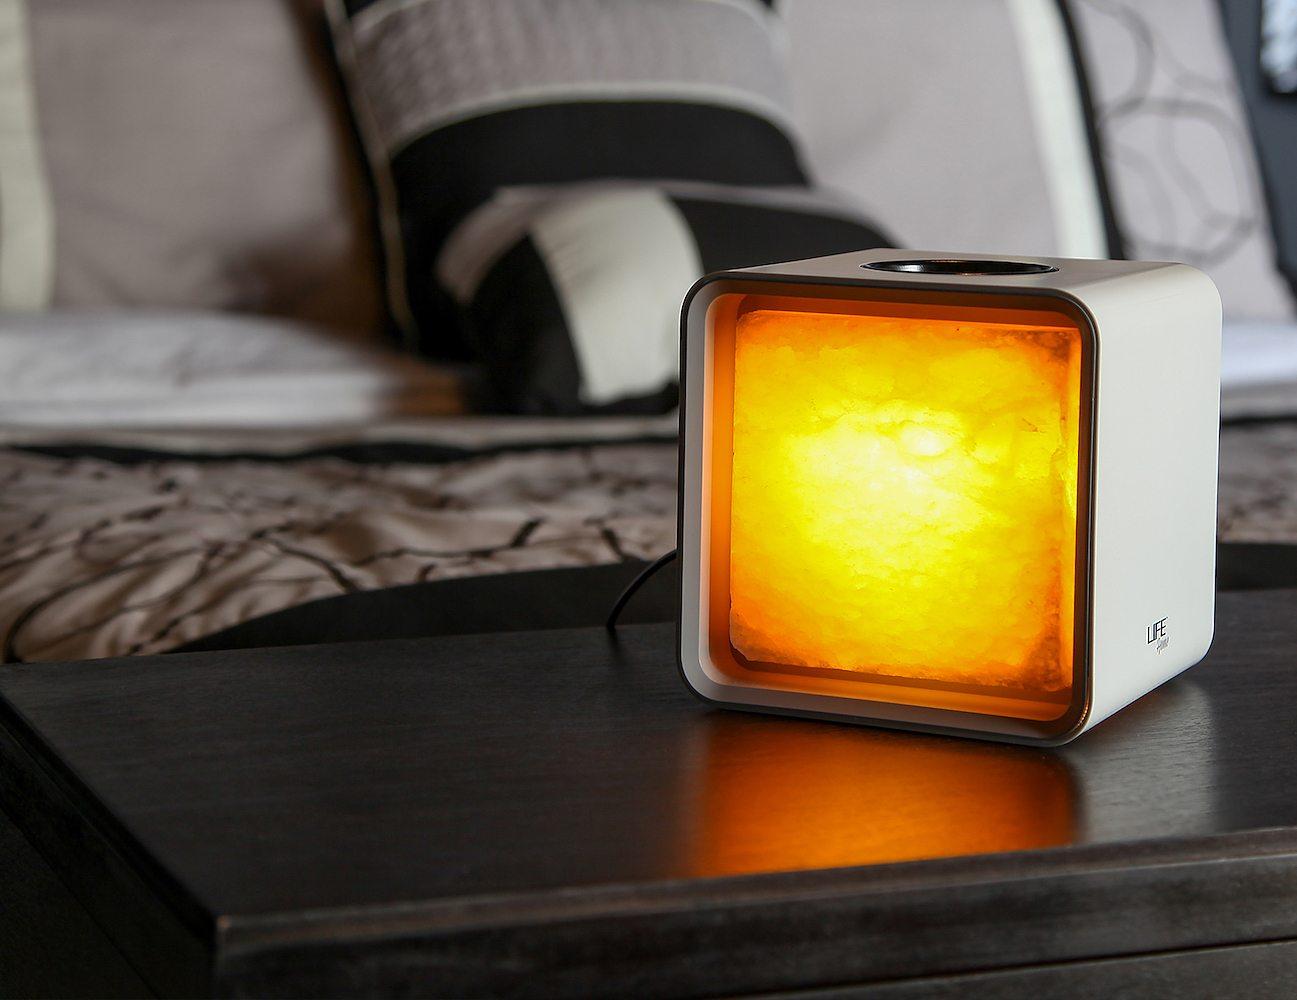 Zencube Smart Himalayan Salt Lamp